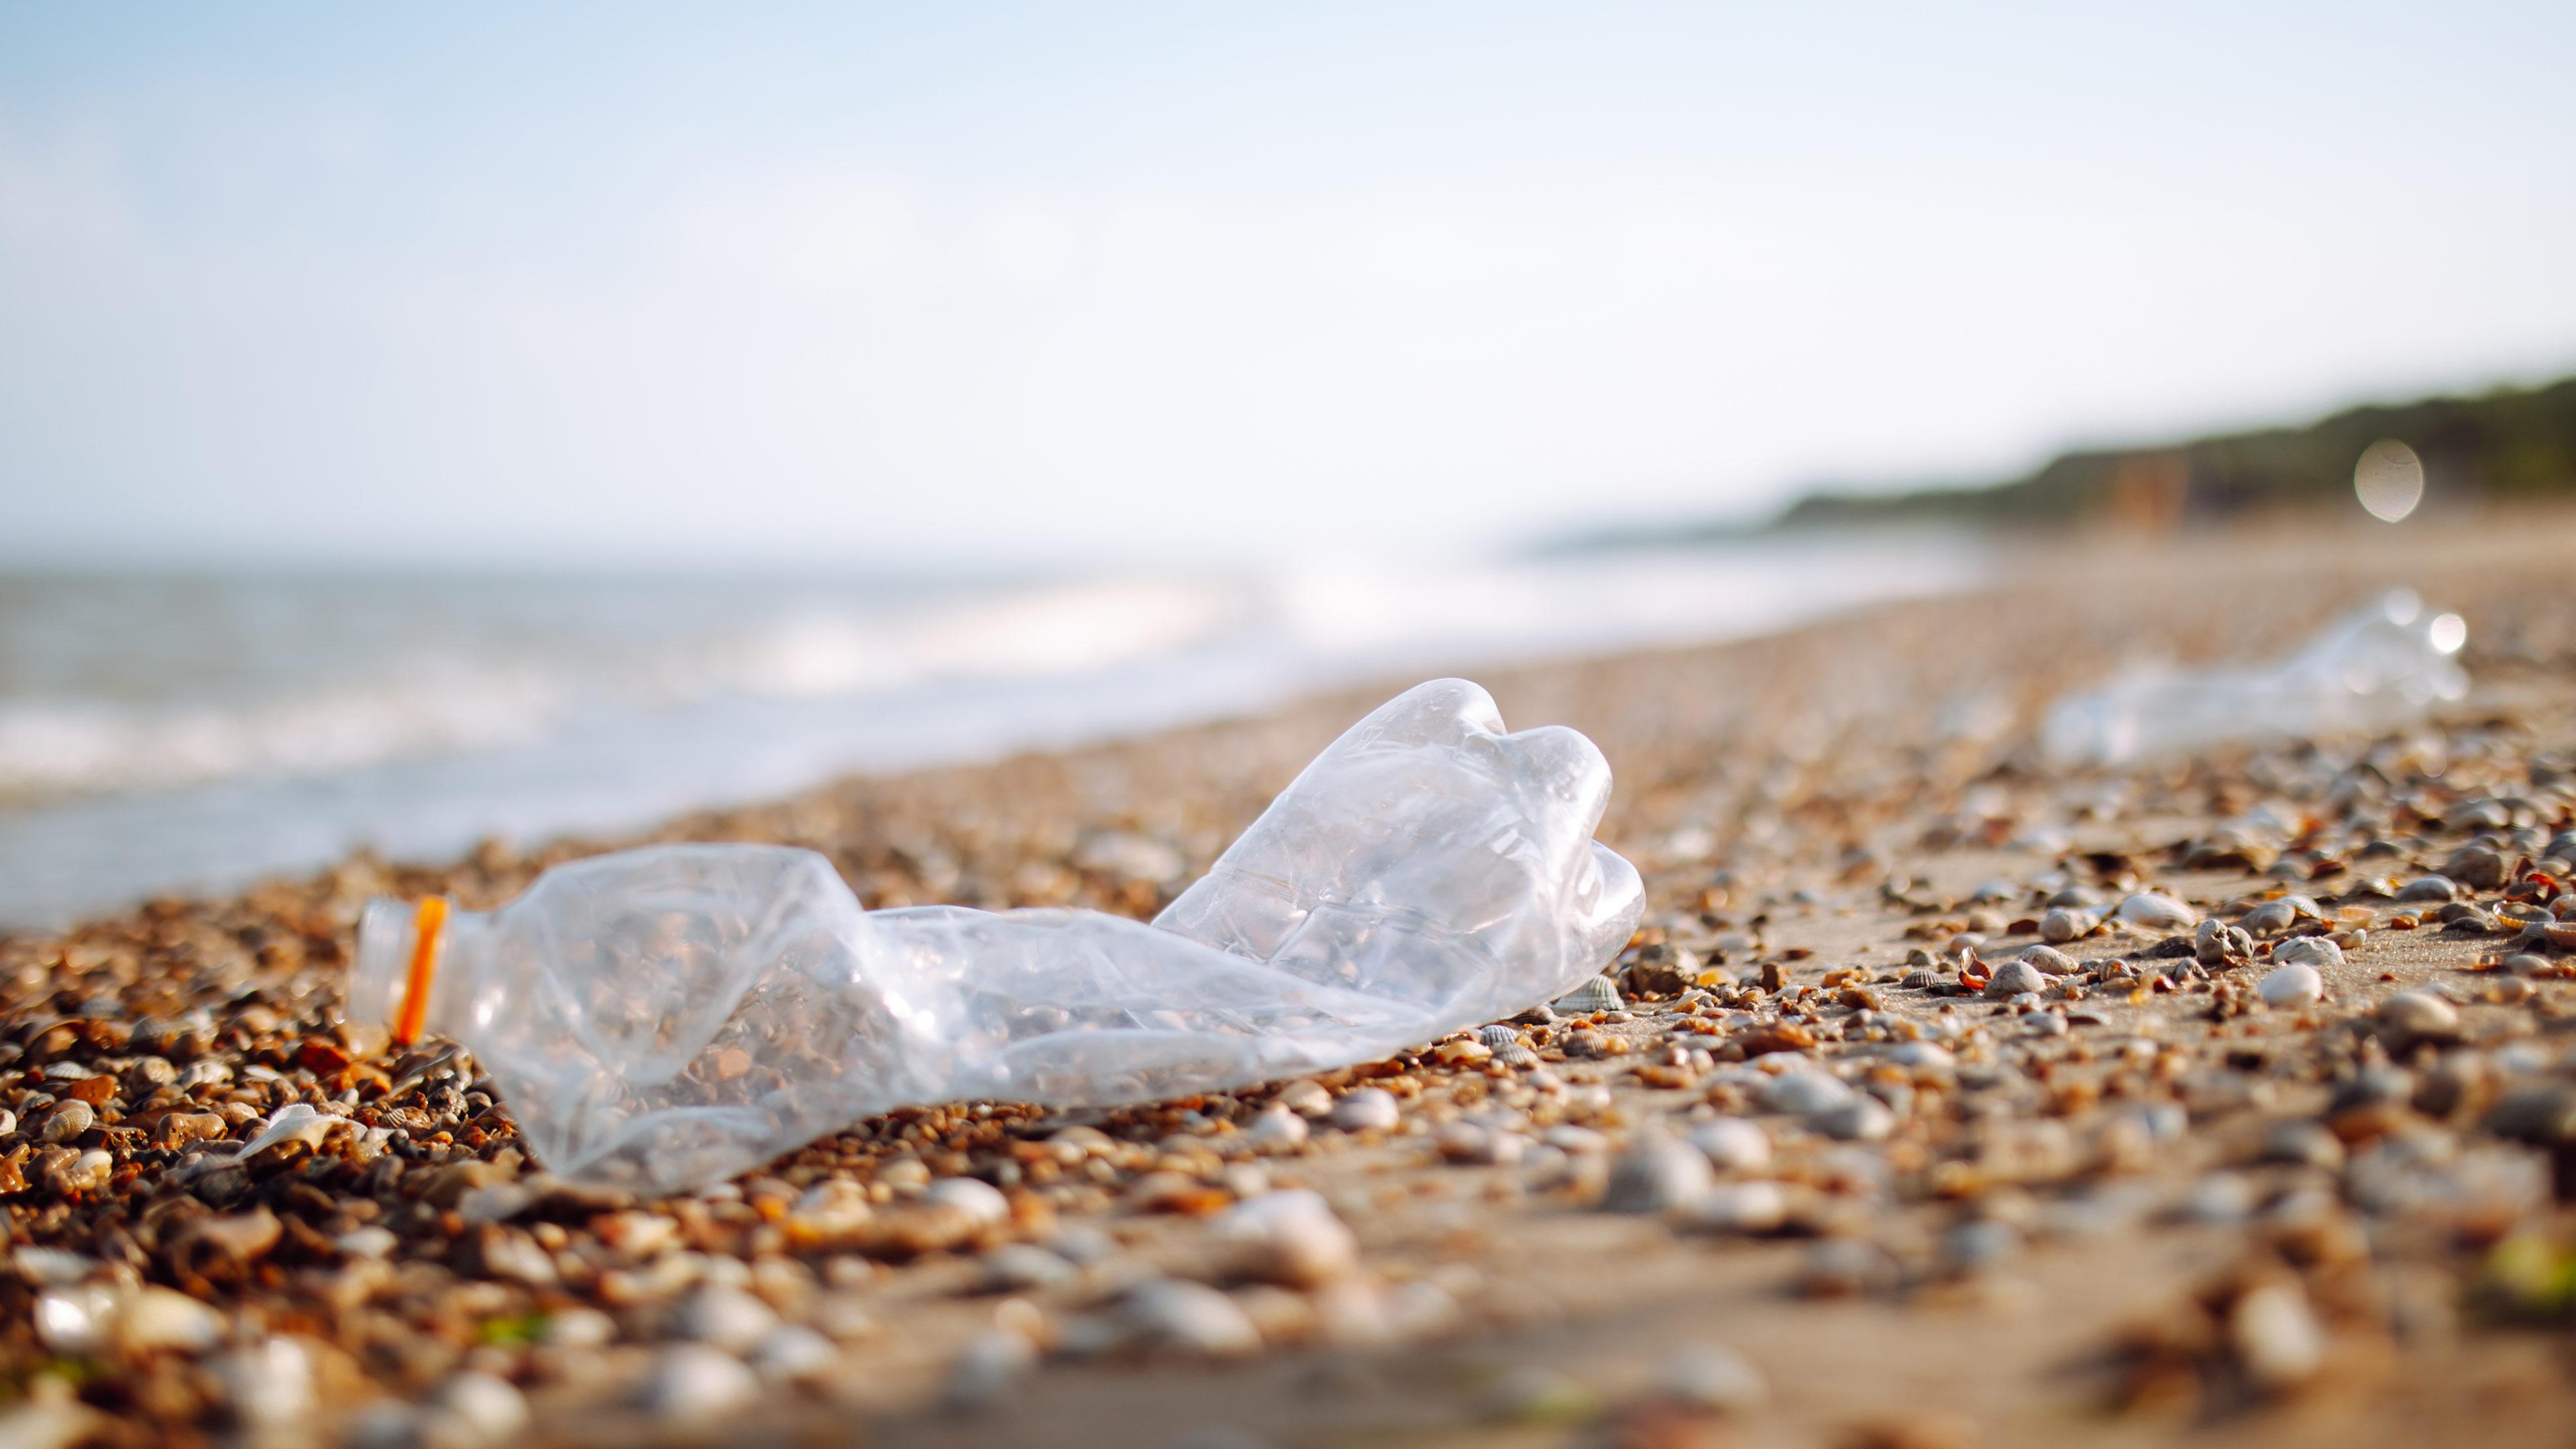 L'Initiative mondiale sur les plastiques touristiques accueille 26 nouveaux signataires